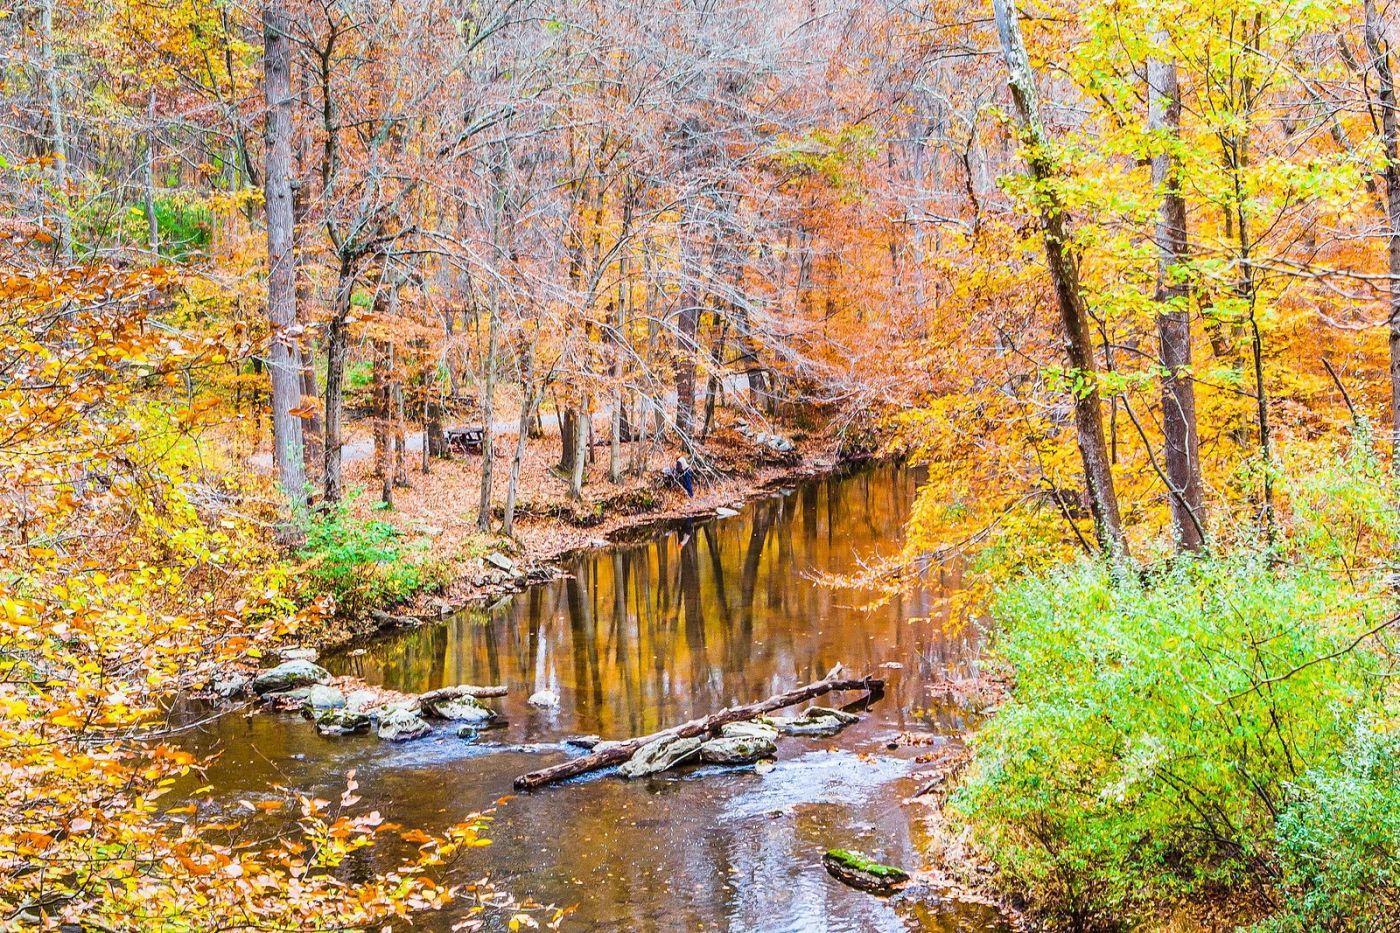 宾州雷德利克里克公园(Ridley creek park),迷人的秋色_图1-28